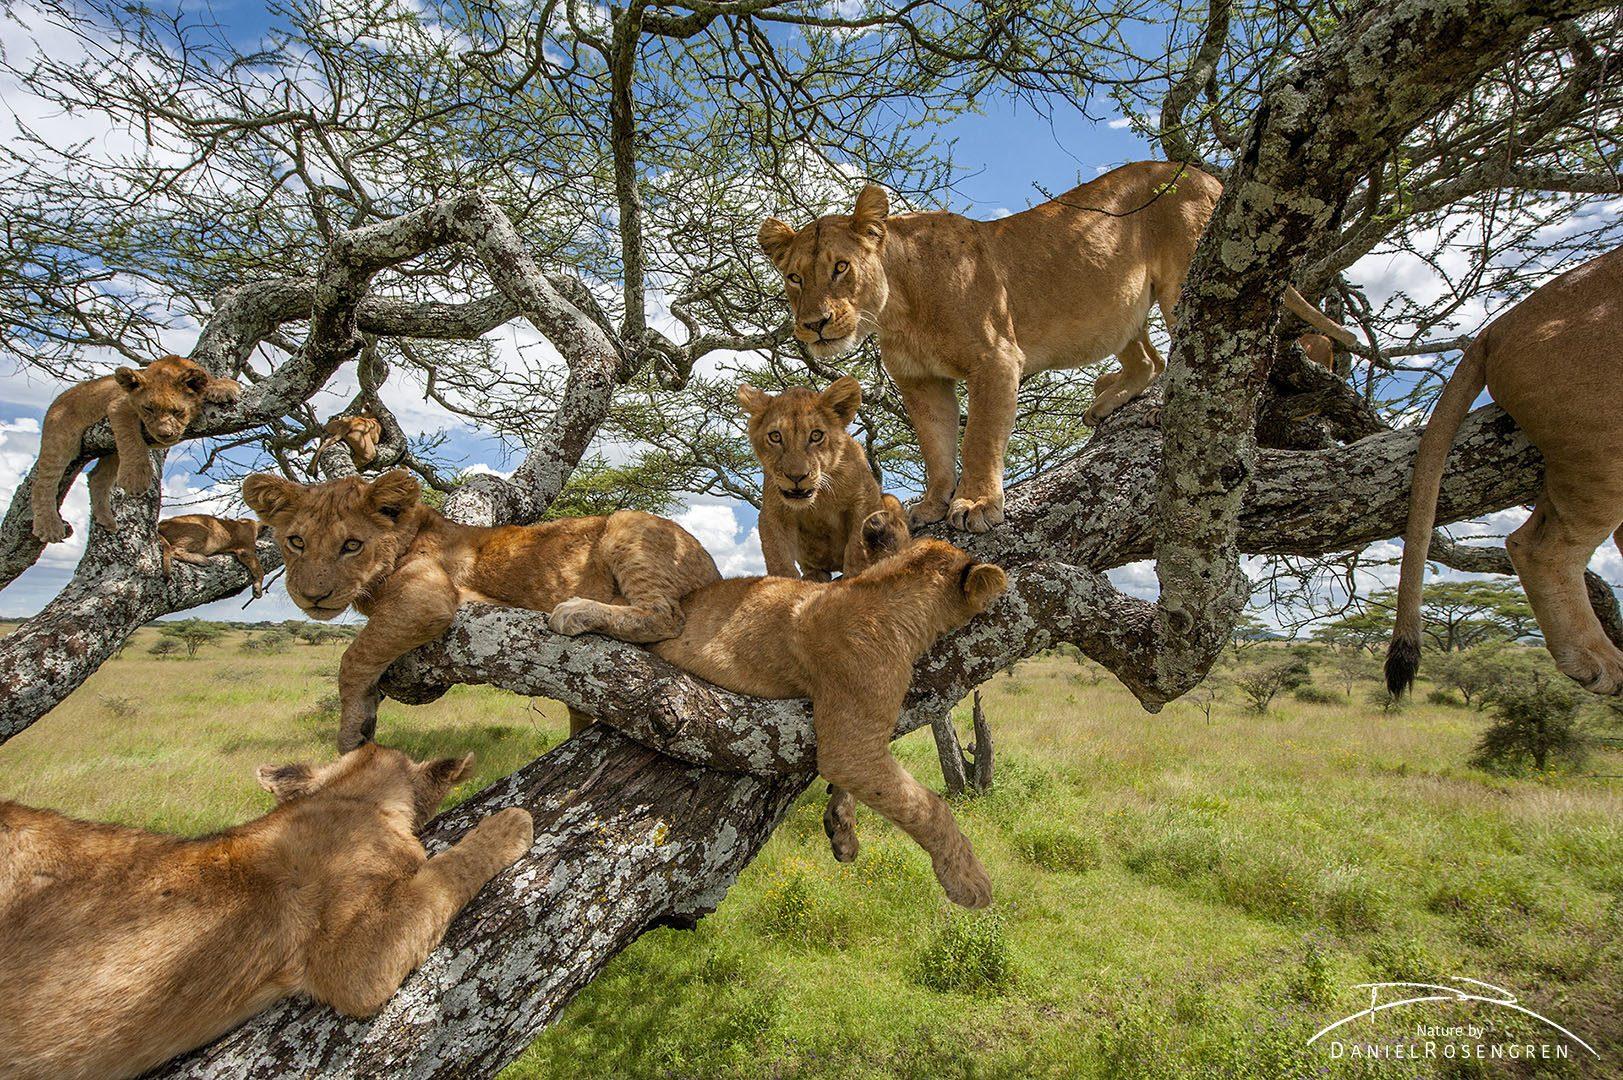 11 lions relaxing in a tree. © Daniel Rosengren